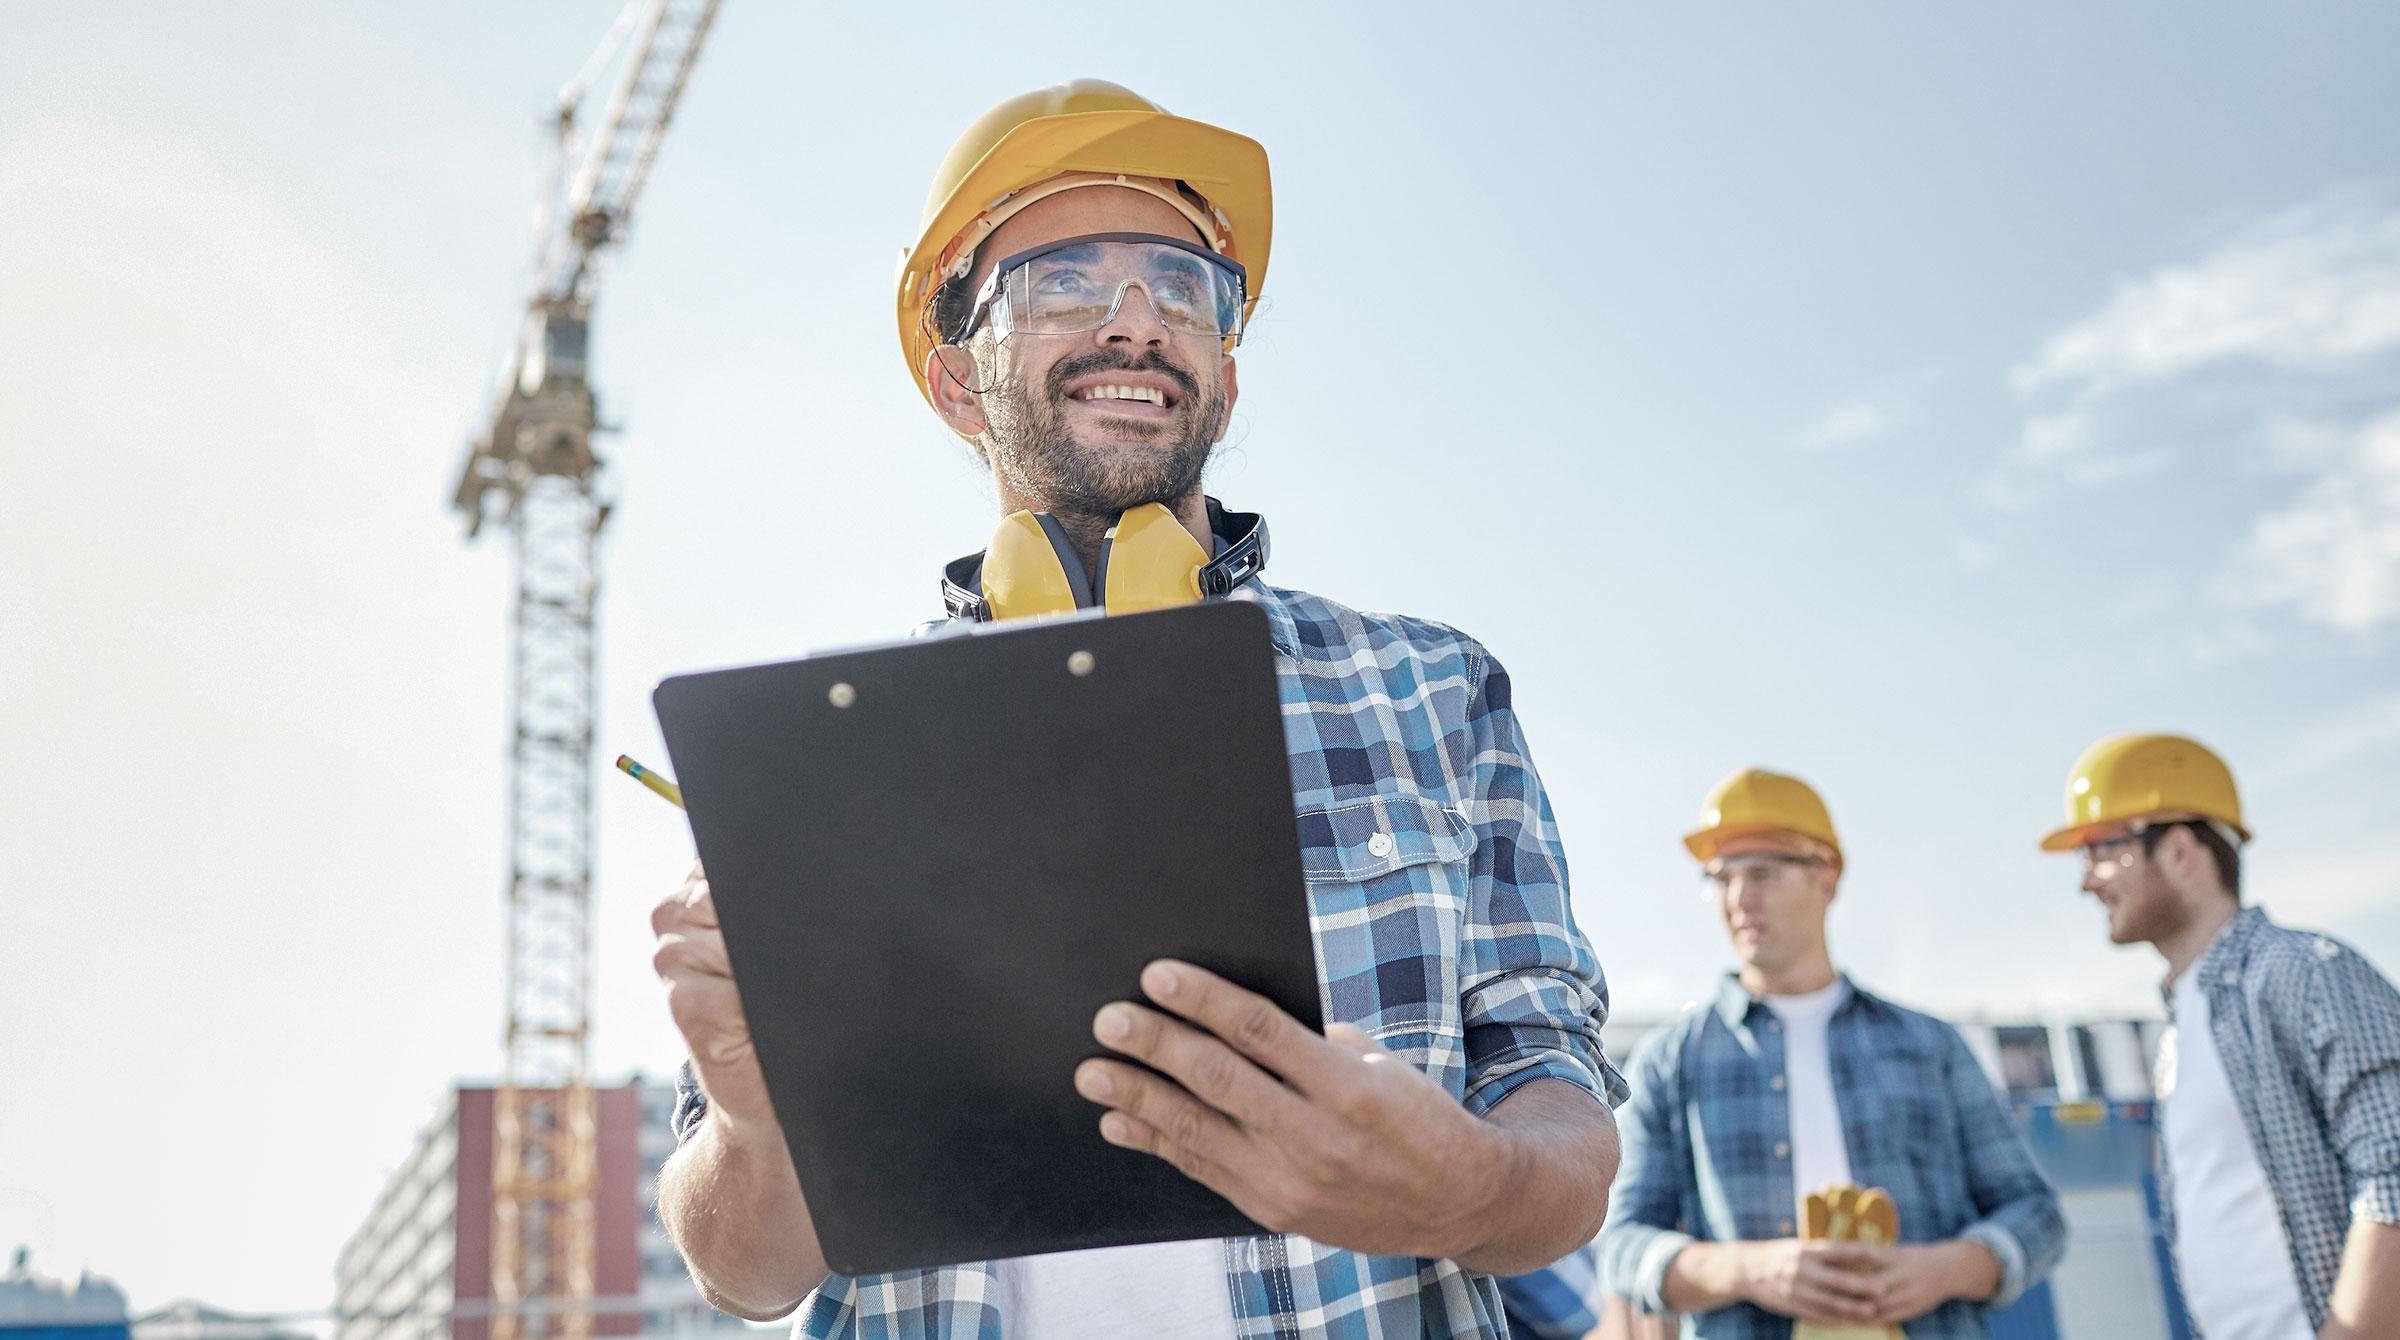 Introbild Bauherrenhaftpflichtversicherung